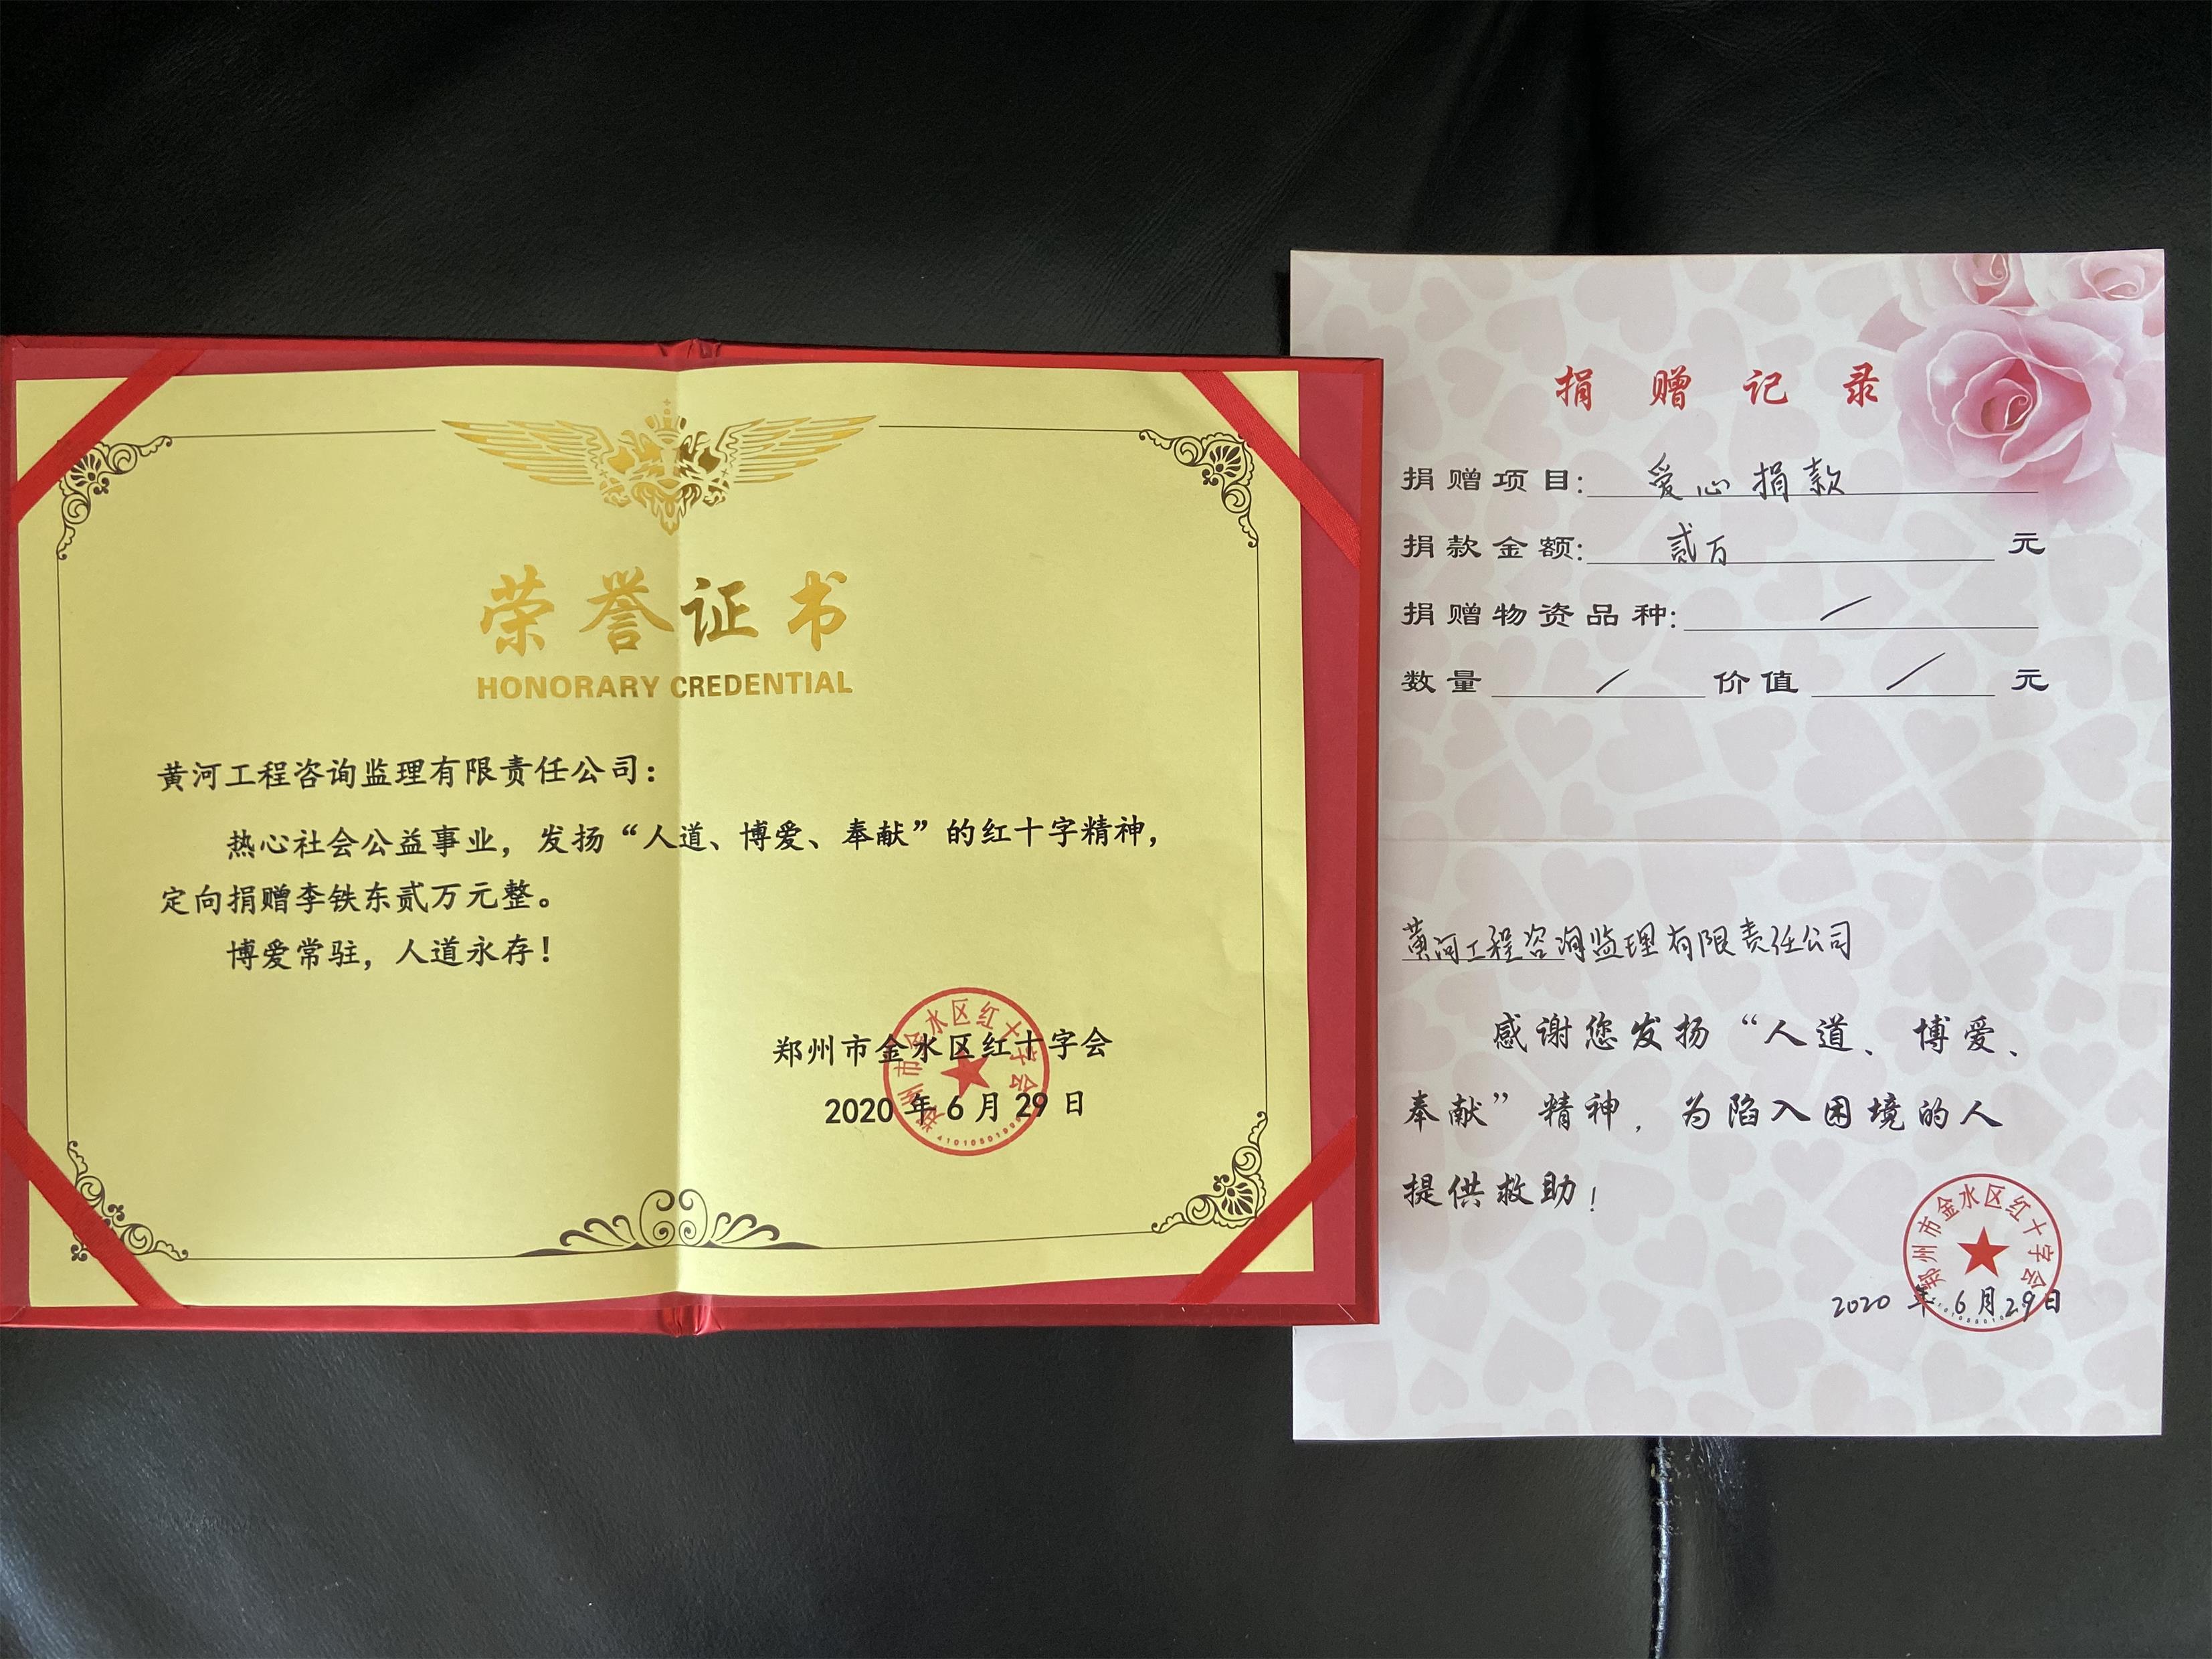 公司副董事长梁跃平出席爱心捐赠仪式